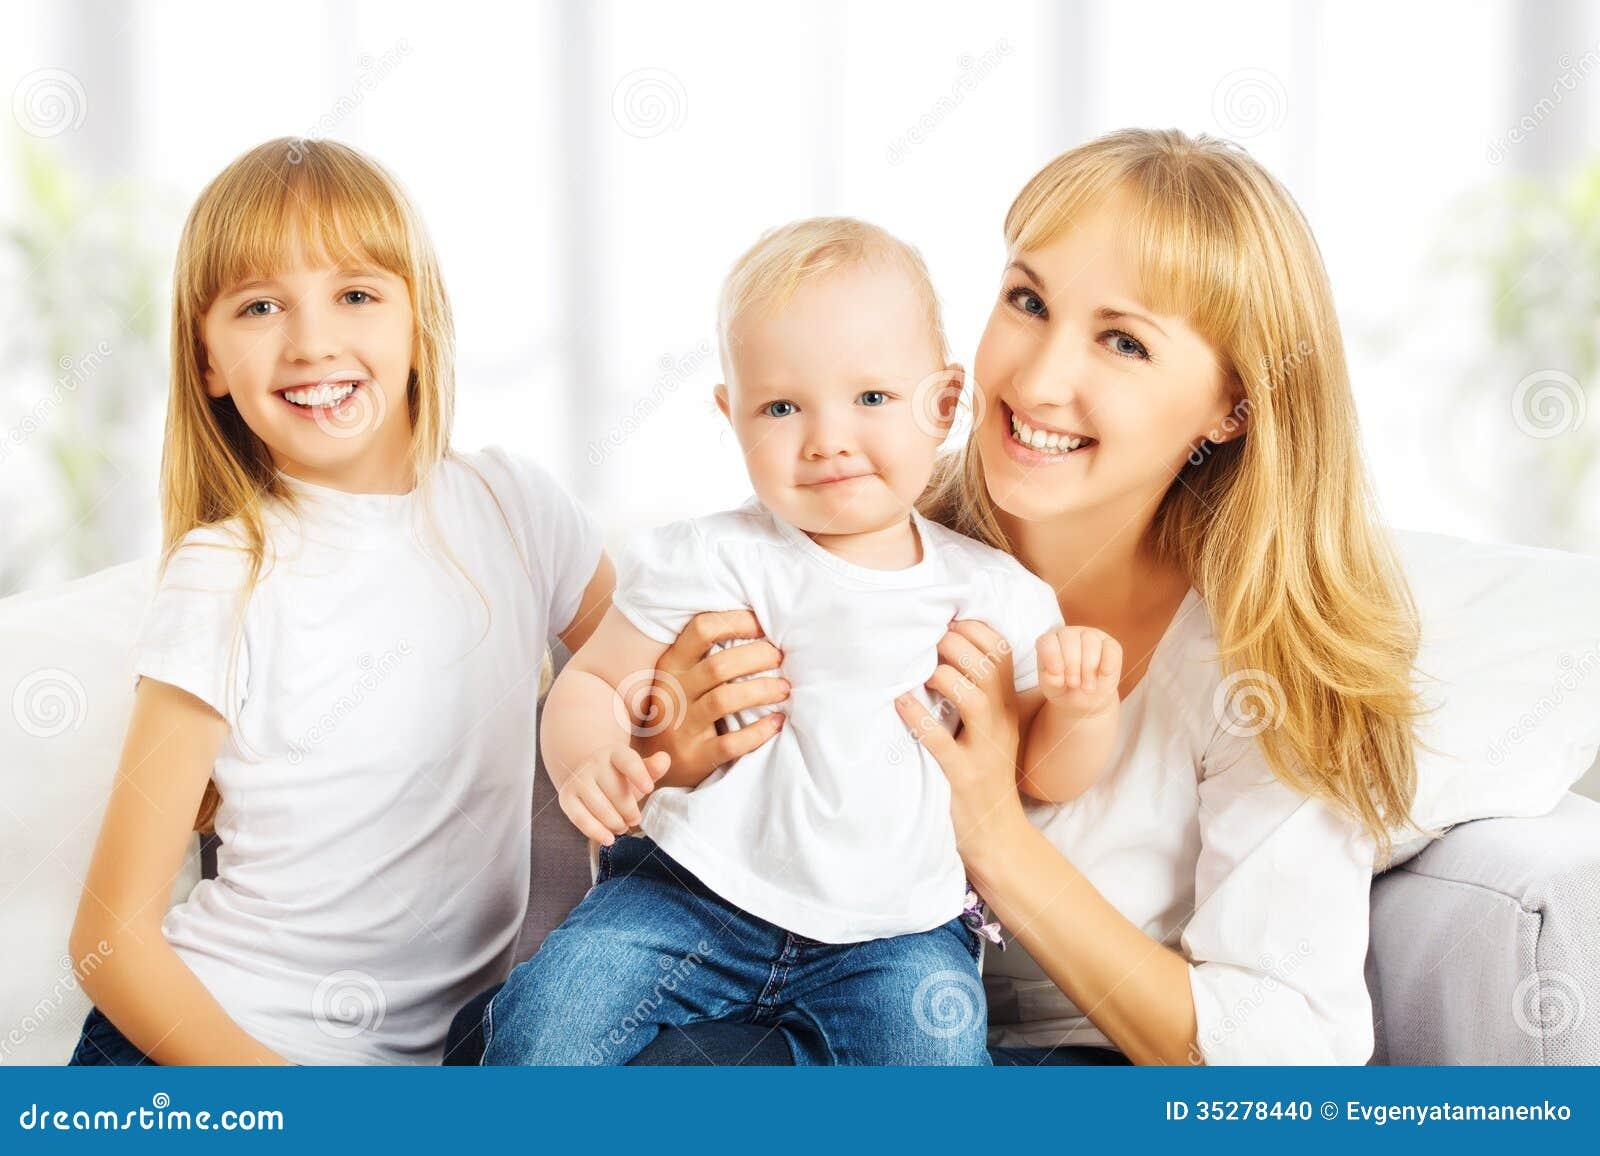 Счастливая семья дома на кресле. Мать и дочь и сын